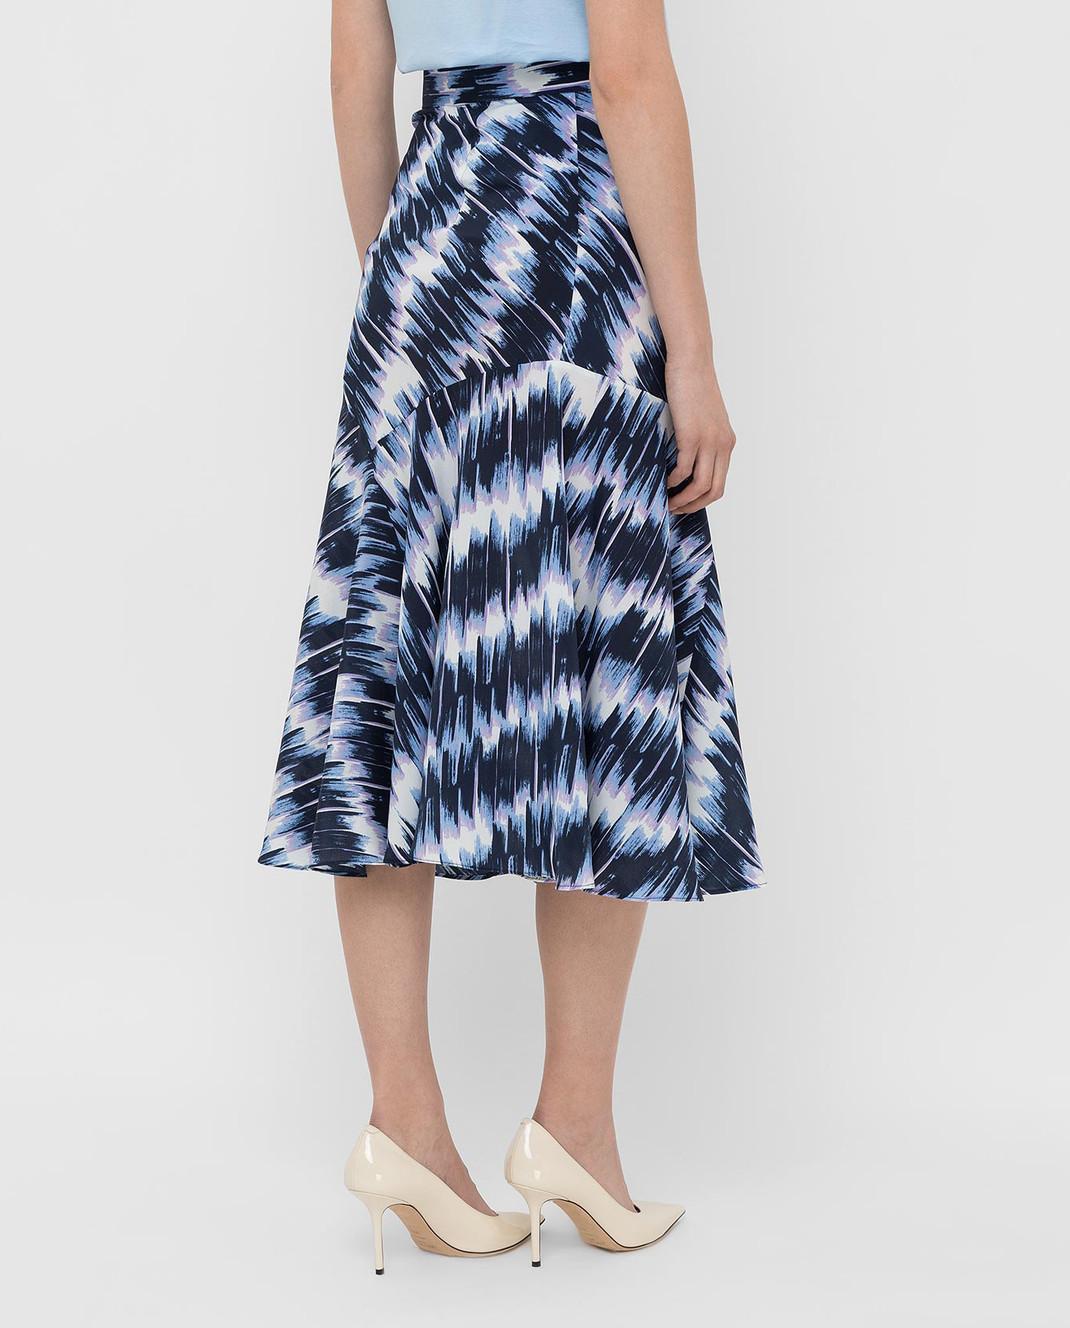 Max Mara Sportmax Темно-синяя юбка из шелка FALENA изображение 4